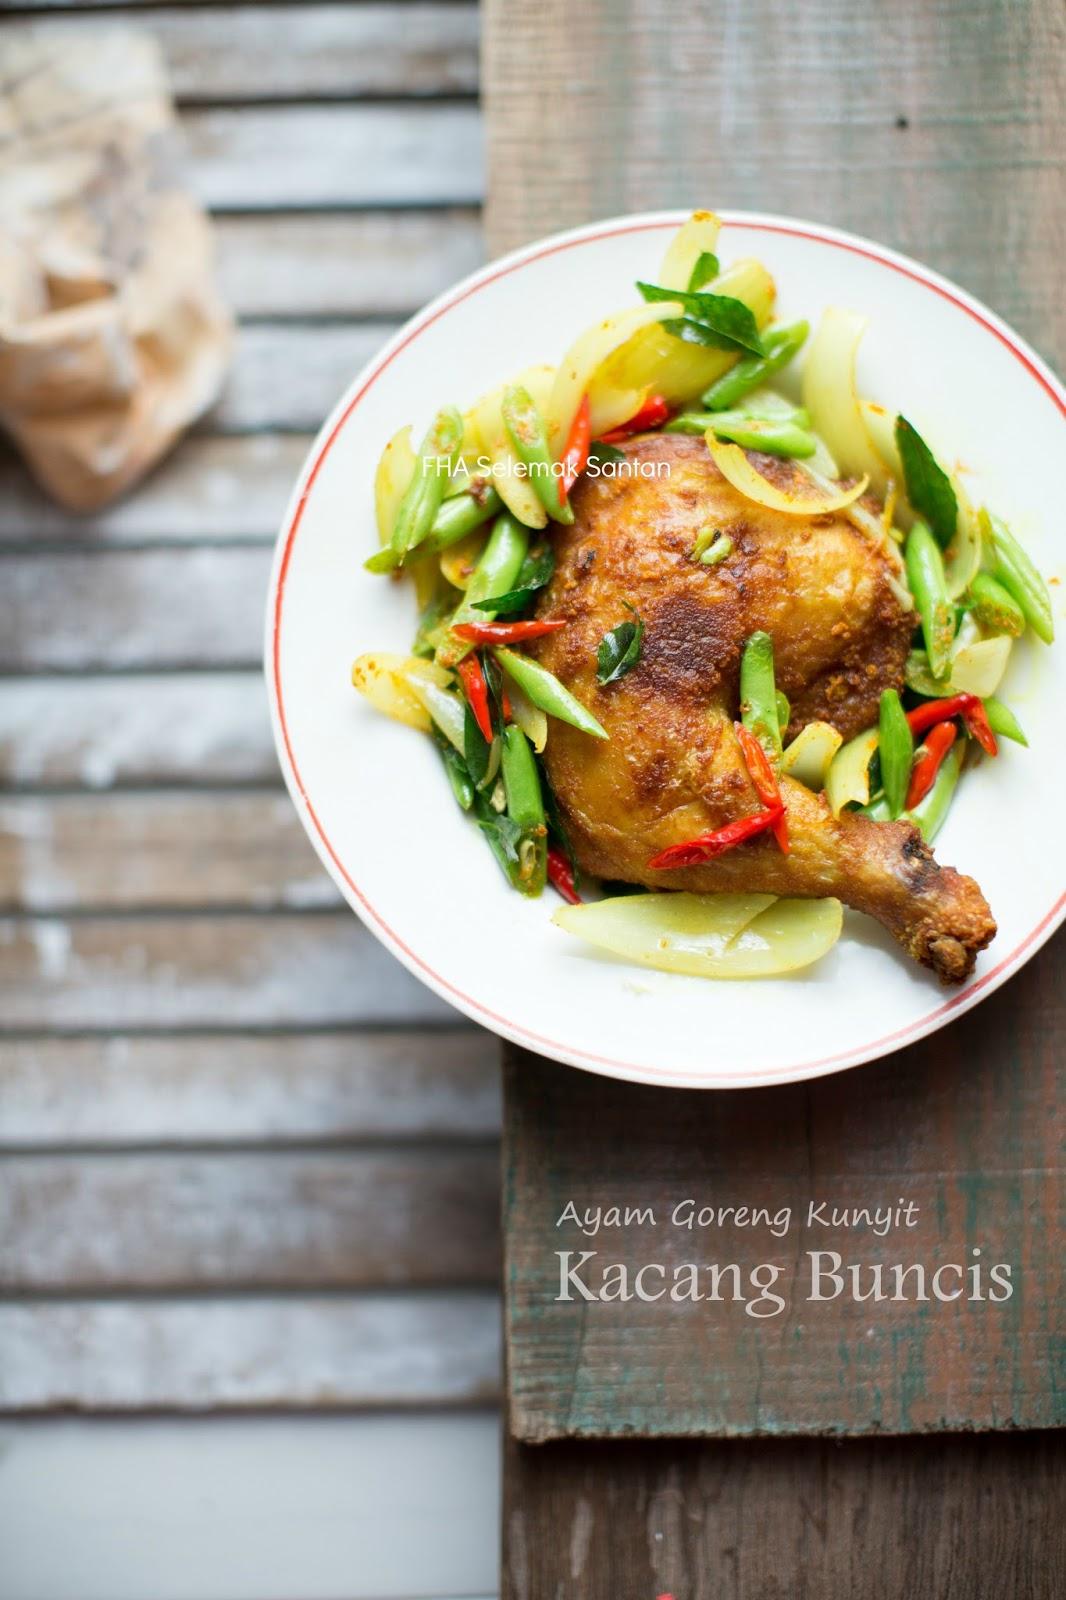 Ayam Goreng Kunyit Kacang Buncis Satu Lagi Juadah Untuk Hari Ke 27 Ramadhan 1437 Hijrah